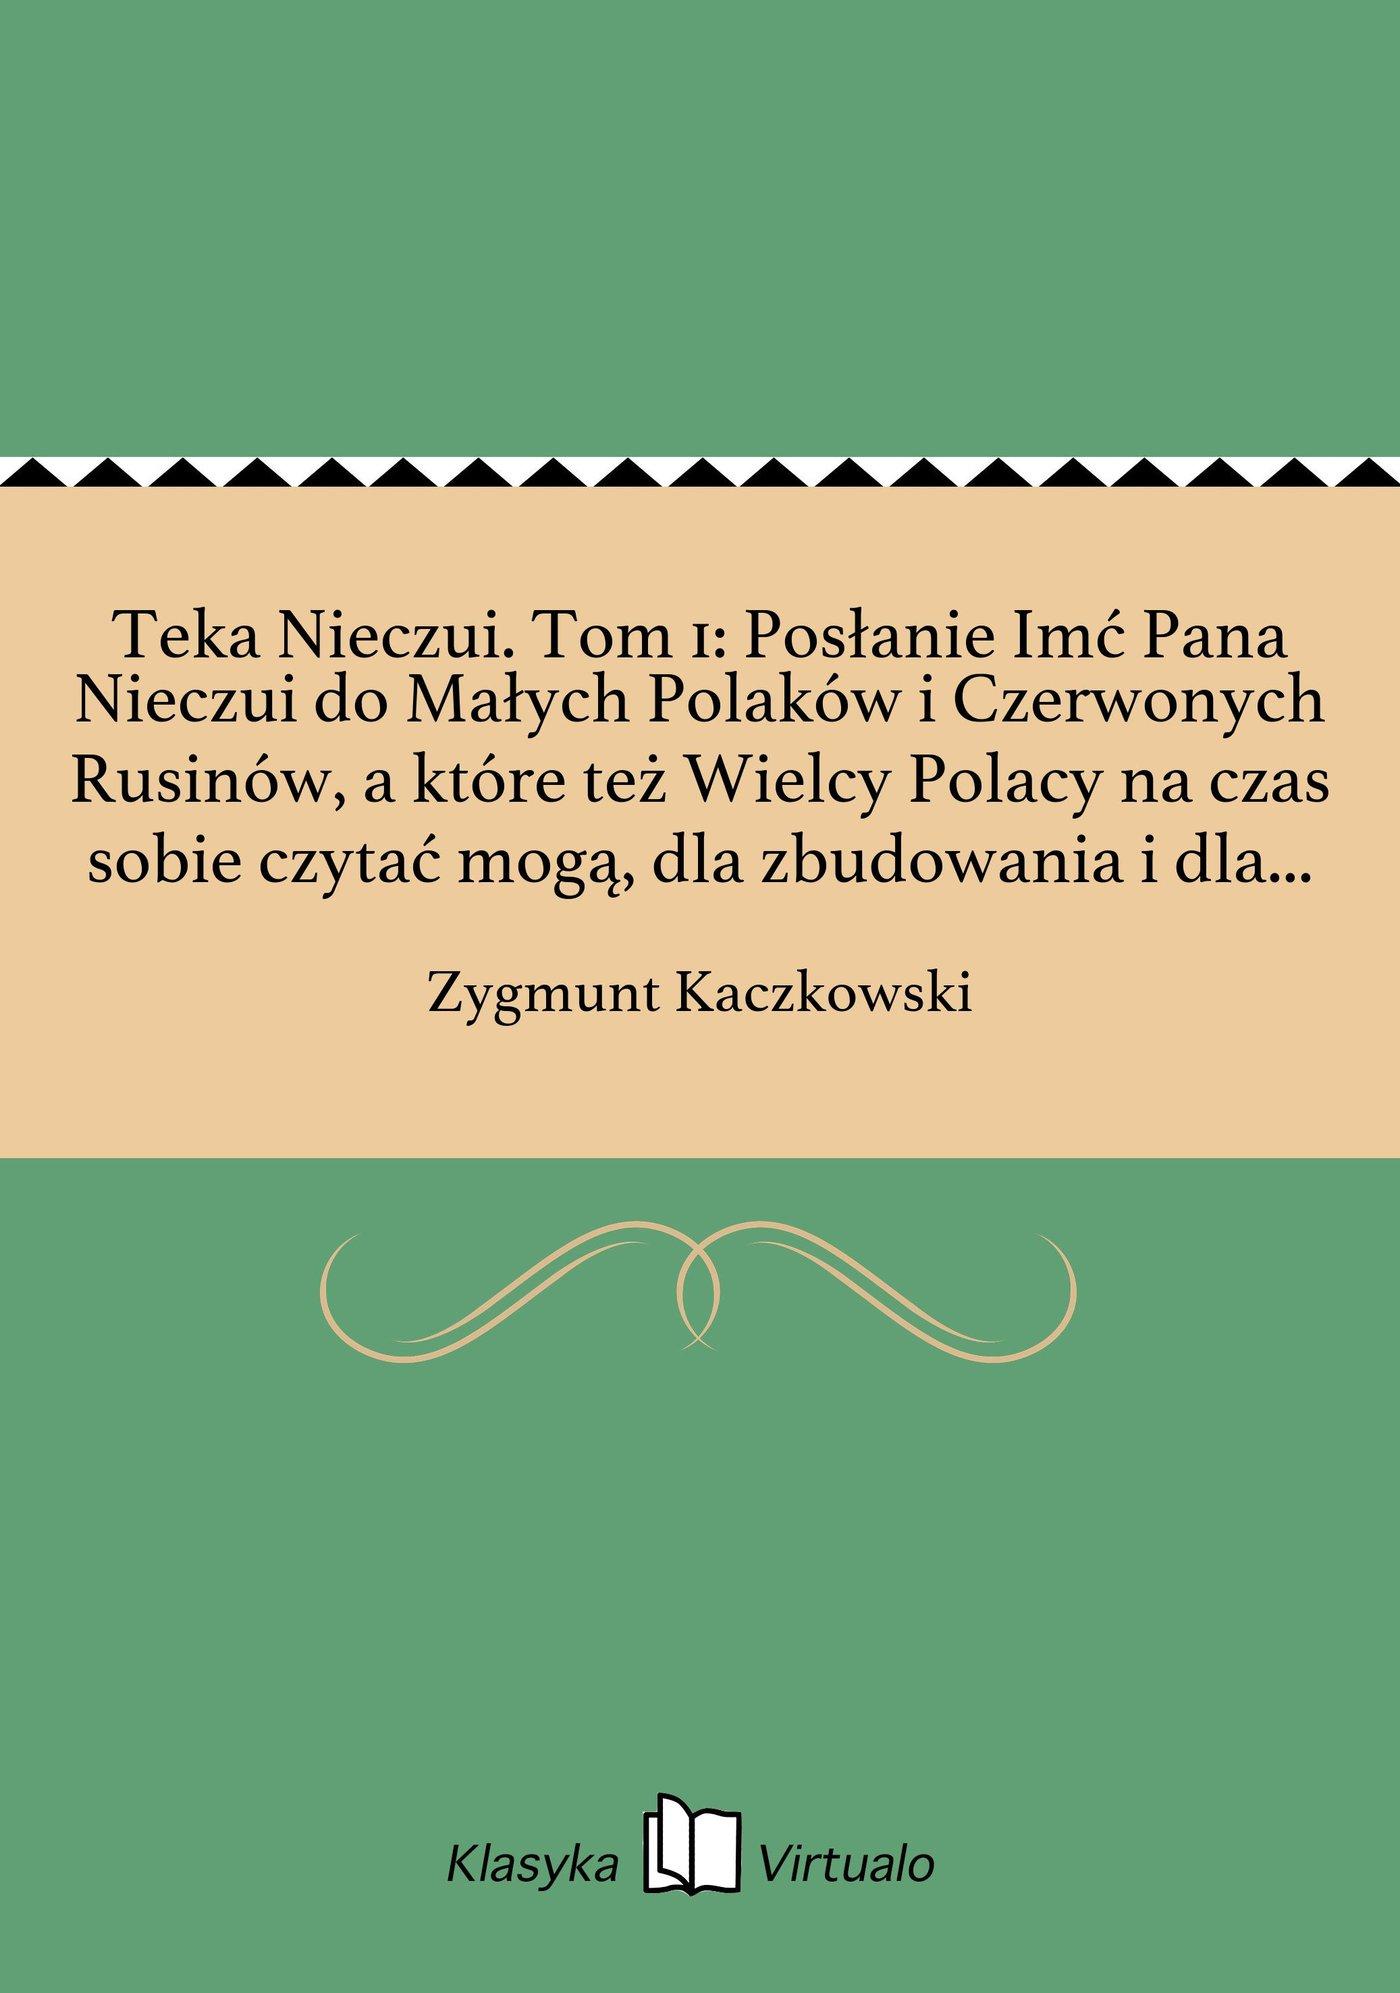 Teka Nieczui. Tom 1: Posłanie Imć Pana Nieczui do Małych Polaków i Czerwonych Rusinów, a które też Wielcy Polacy na czas sobie czytać mogą, dla zbudowania i dla krotochwili. - Ebook (Książka na Kindle) do pobrania w formacie MOBI